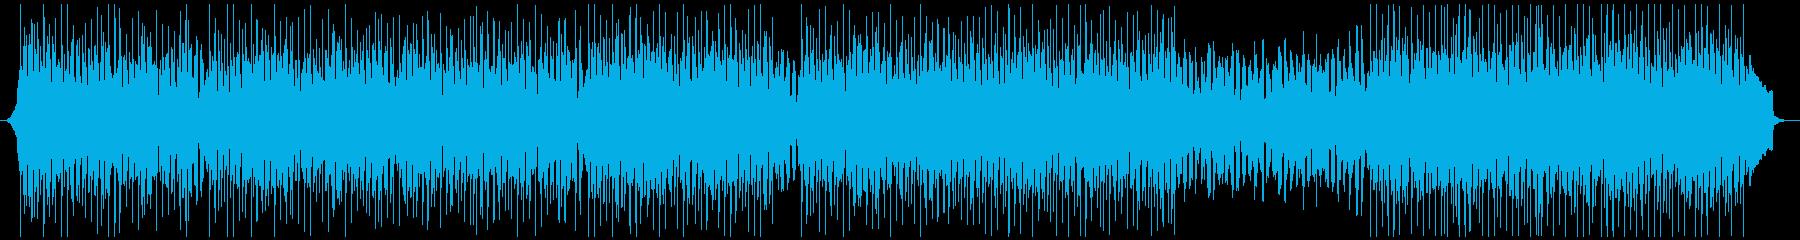 企業VP クリーンな製品紹介のイメージの再生済みの波形